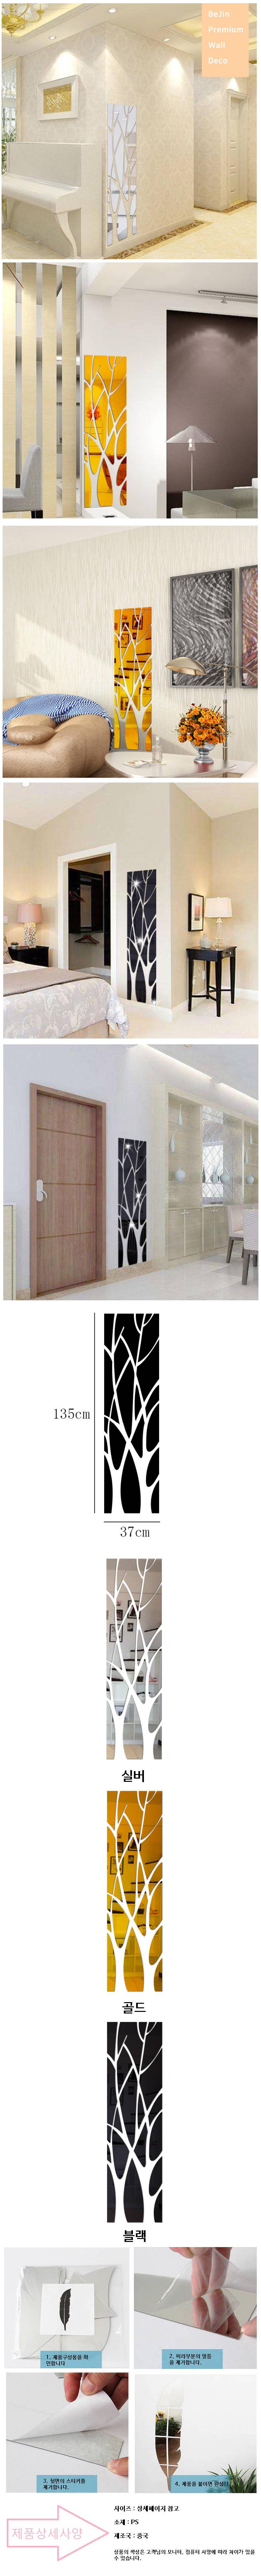 비진 사각포레스트 미러 벽장식 스티커 - 제로투원, 12,540원, 월데코스티커, 기타데코